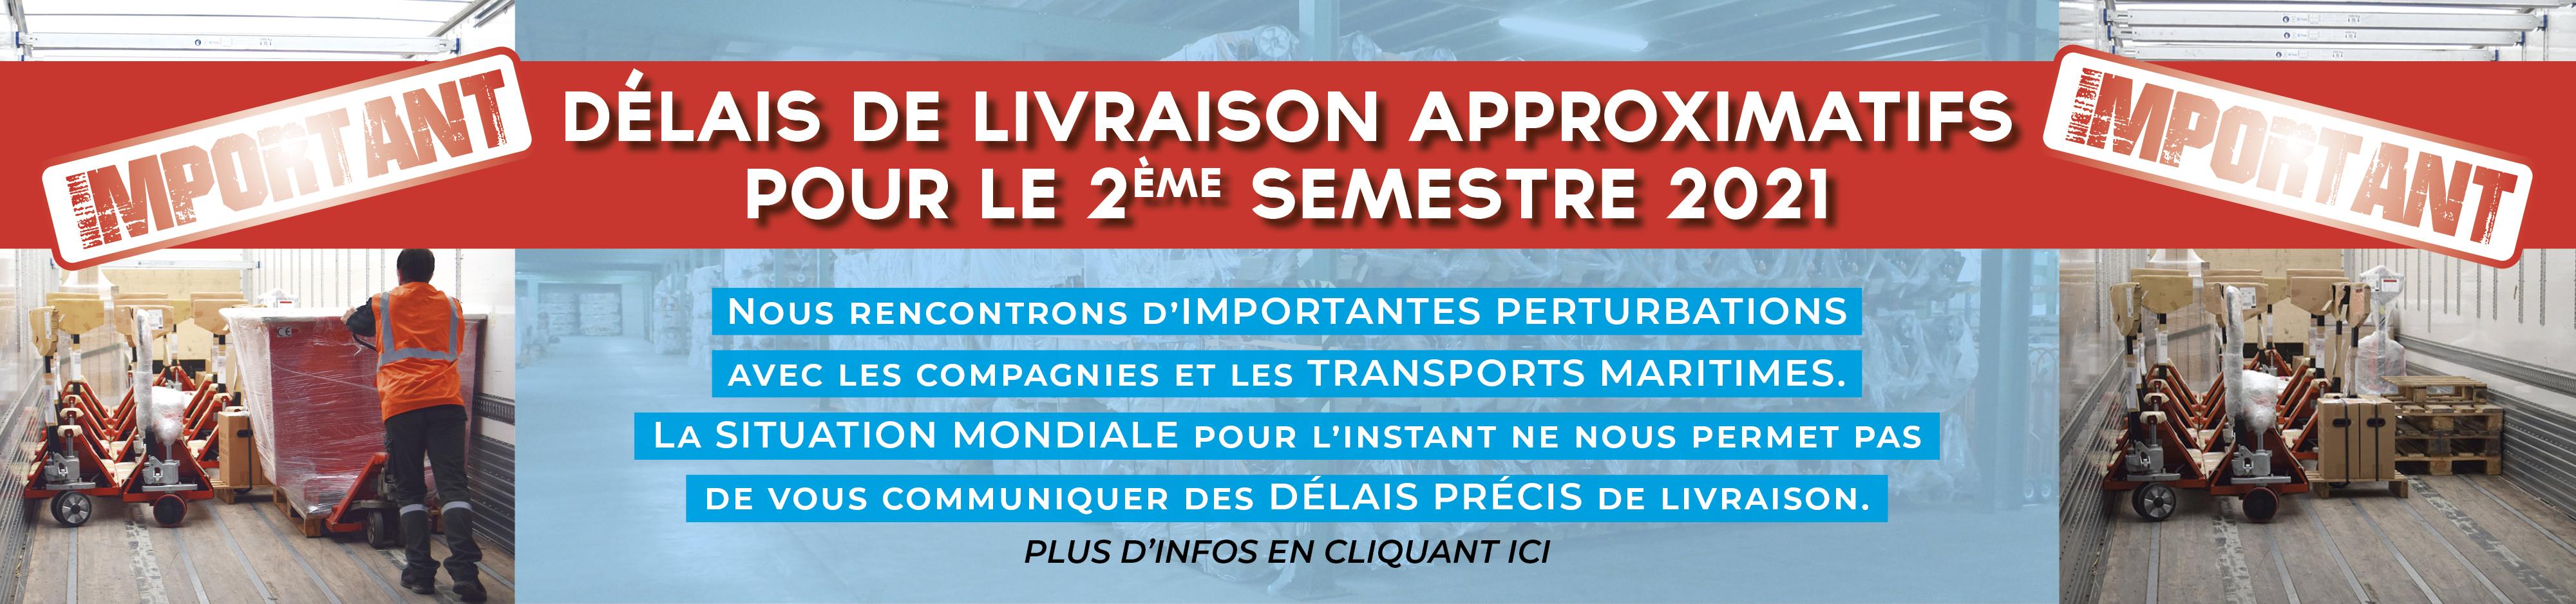 https://www.stockman.fr/actualites/detail/delais-allonges-pour-les-livraisons-au-deuxieme-semestre-2021br--132.aspx